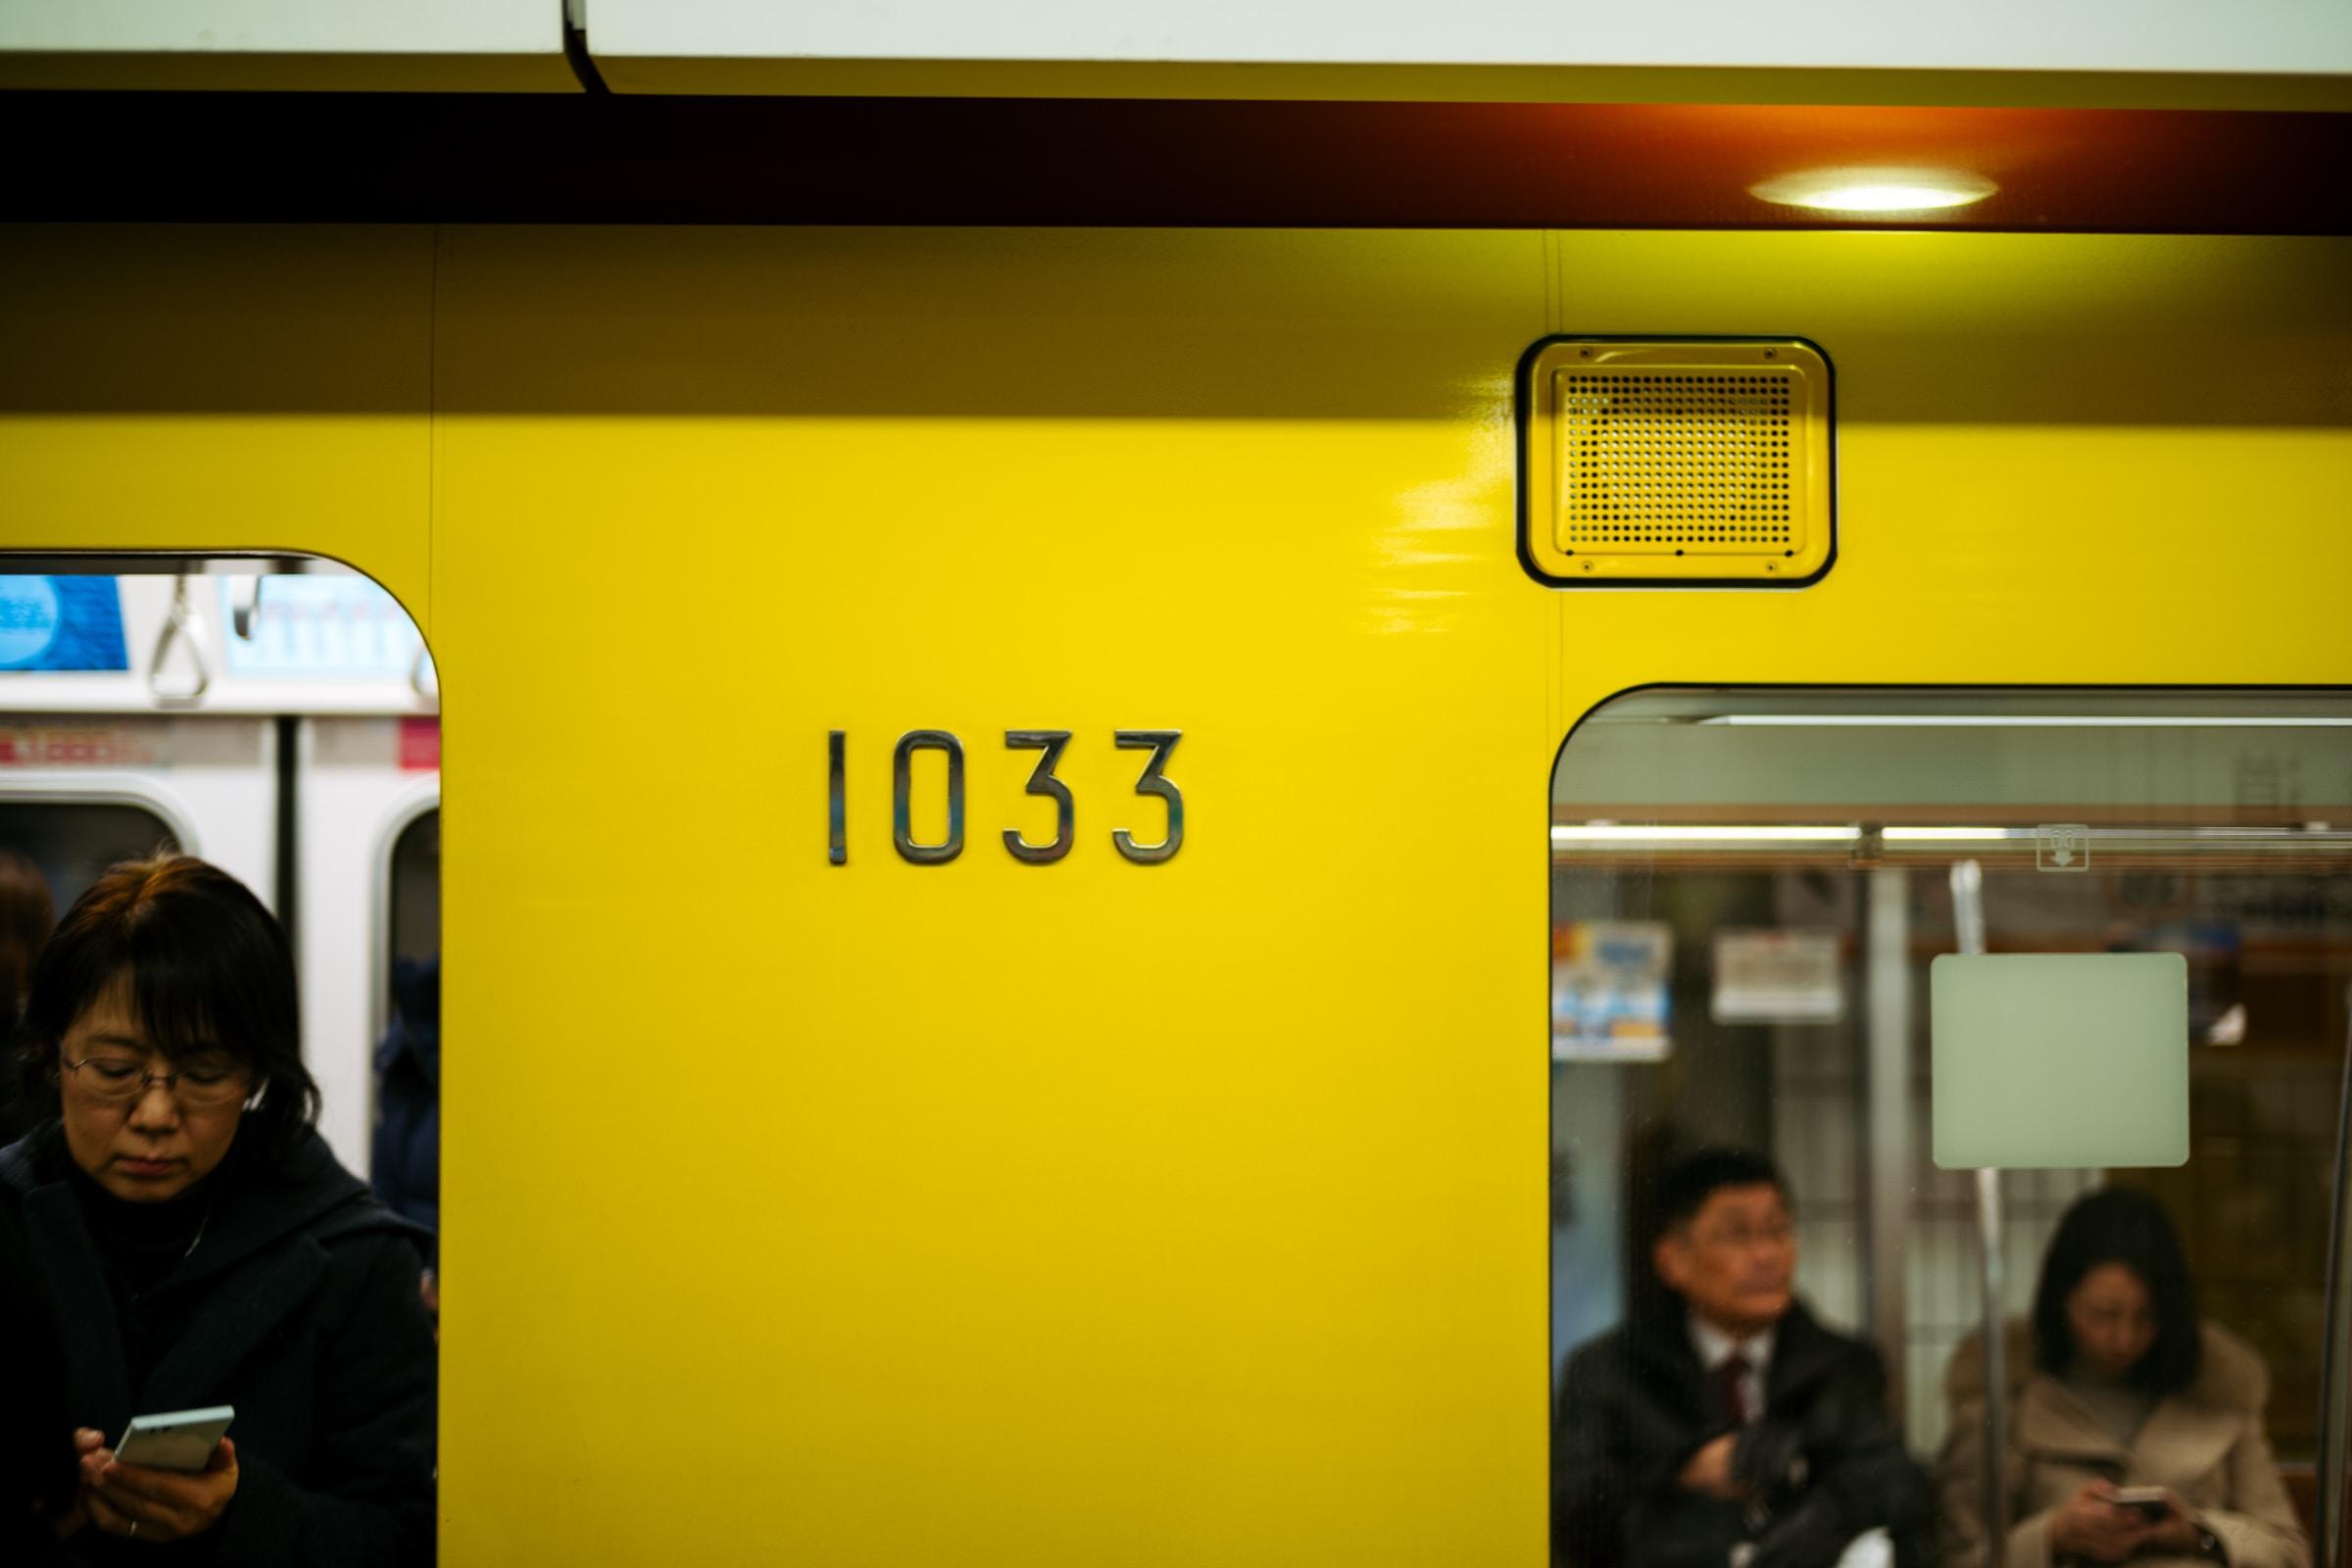 person inside train